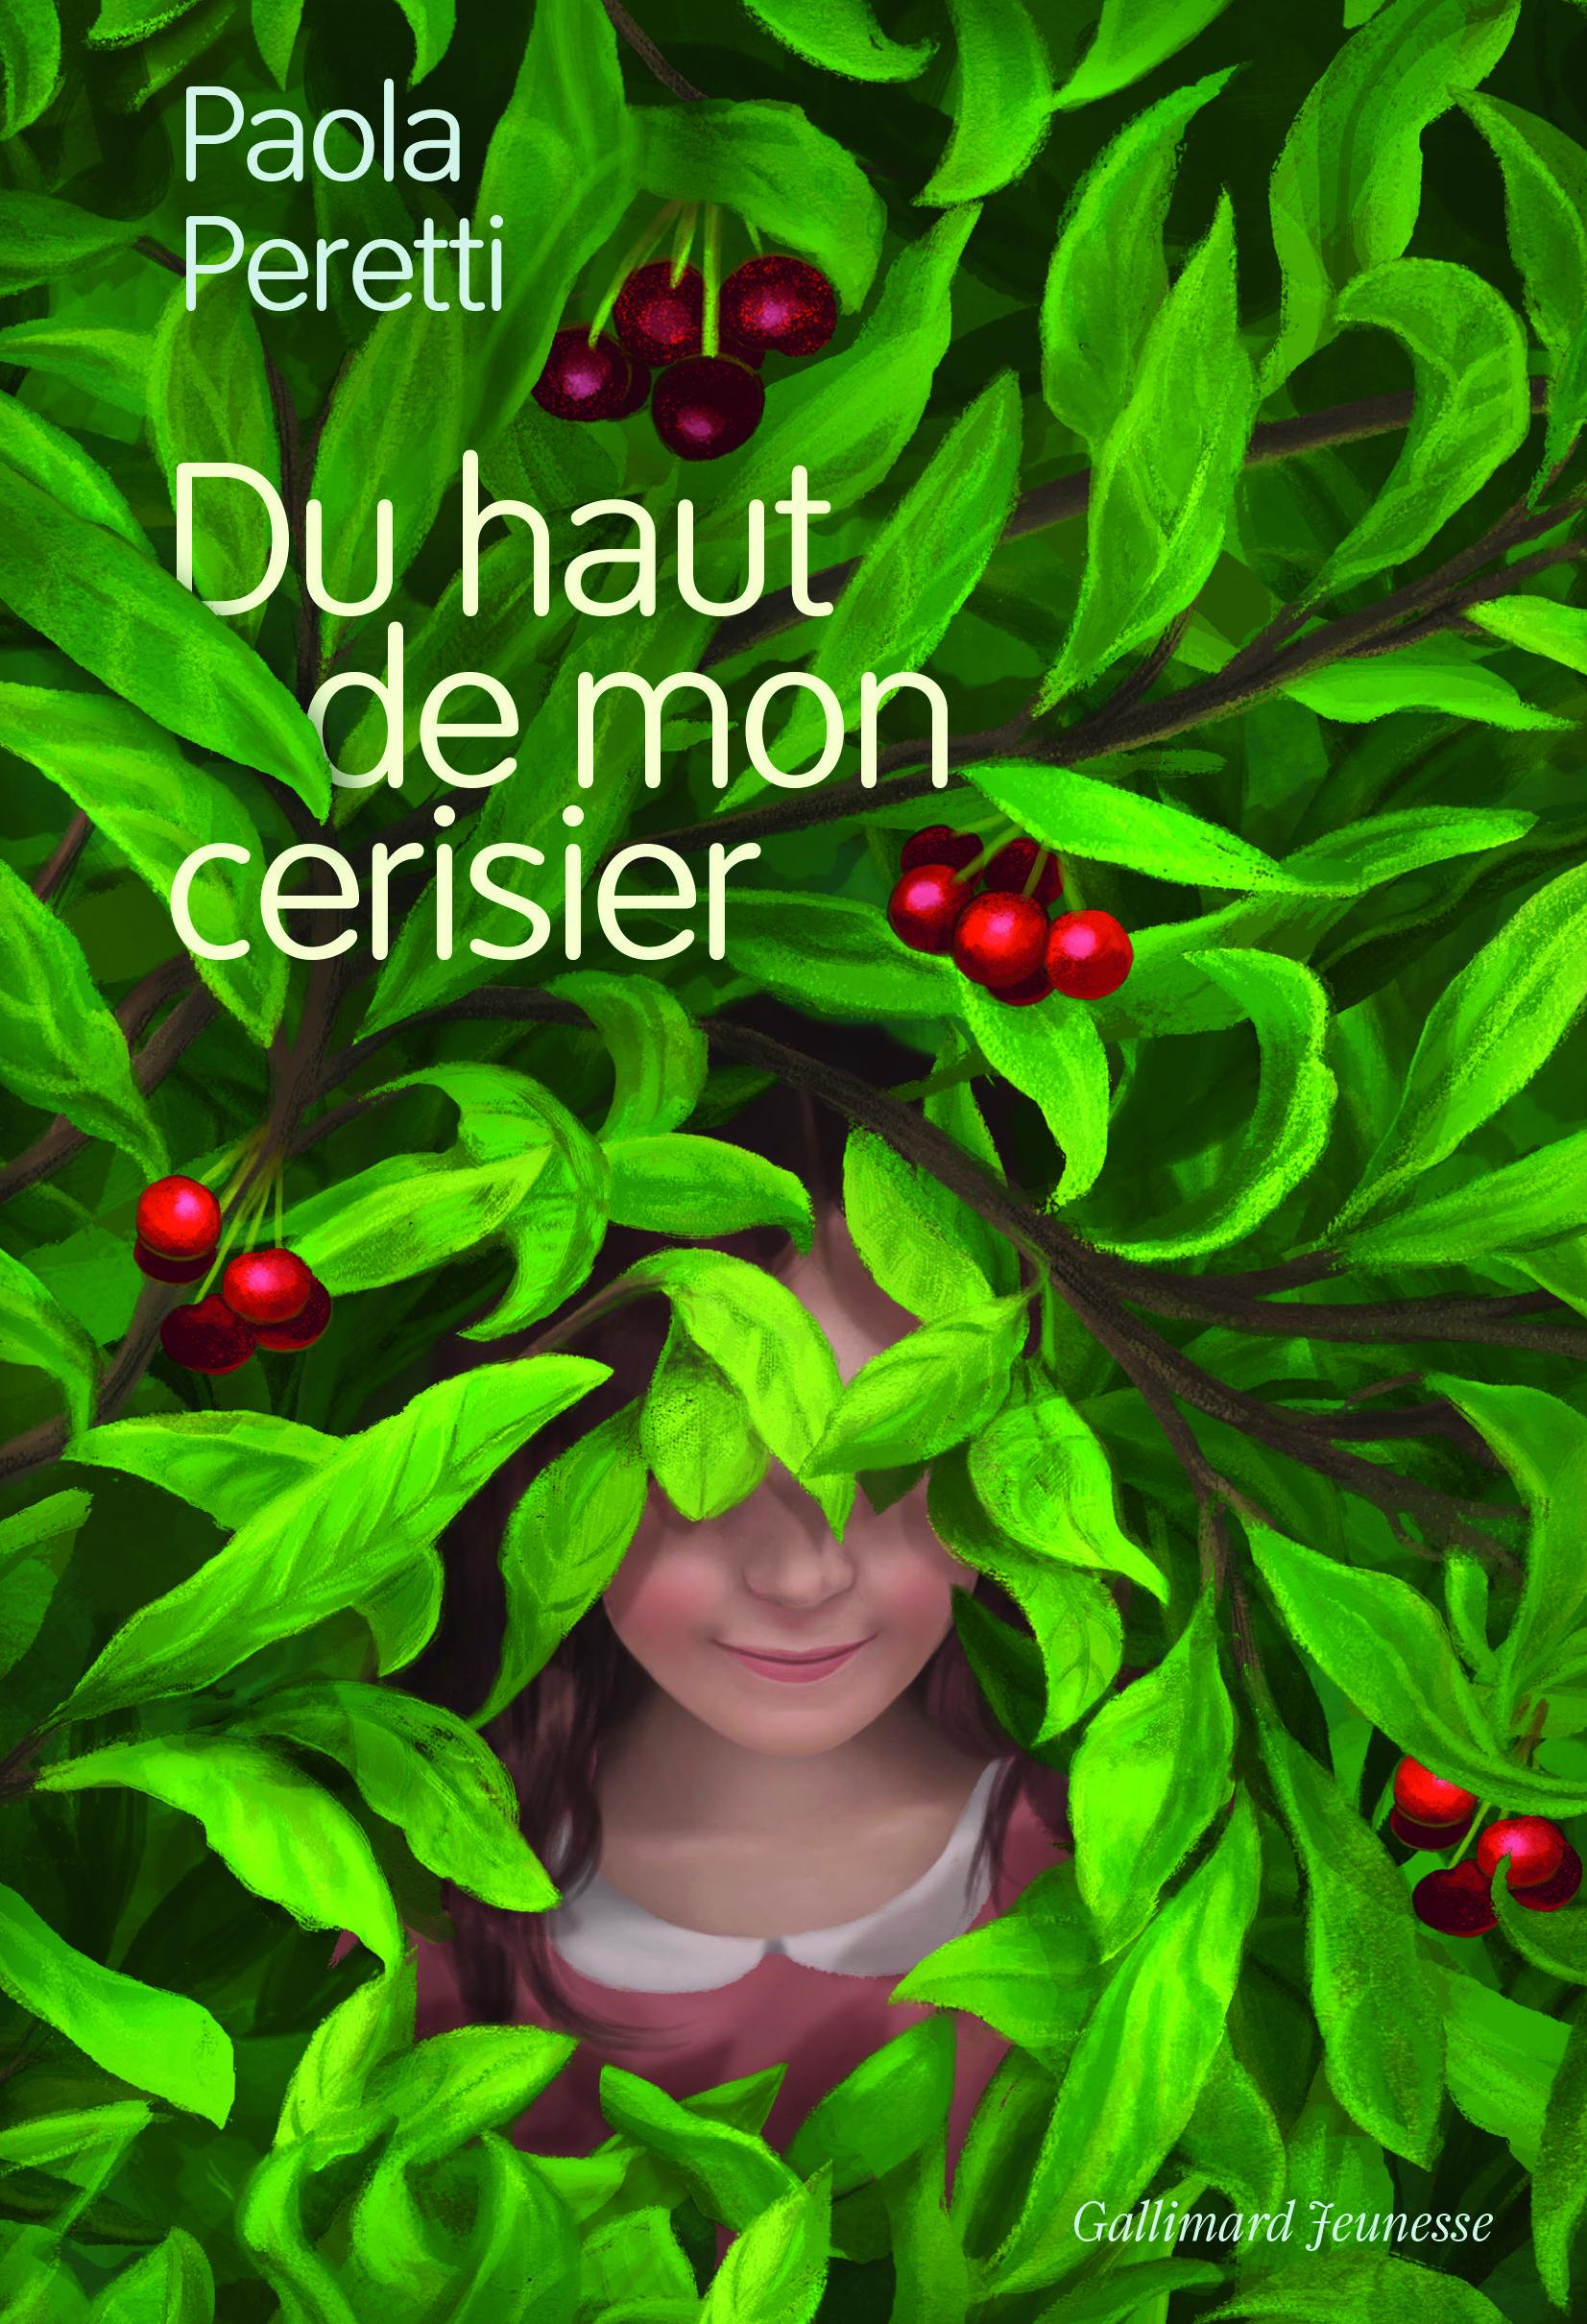 Du haut de mon cerisier V10.indd